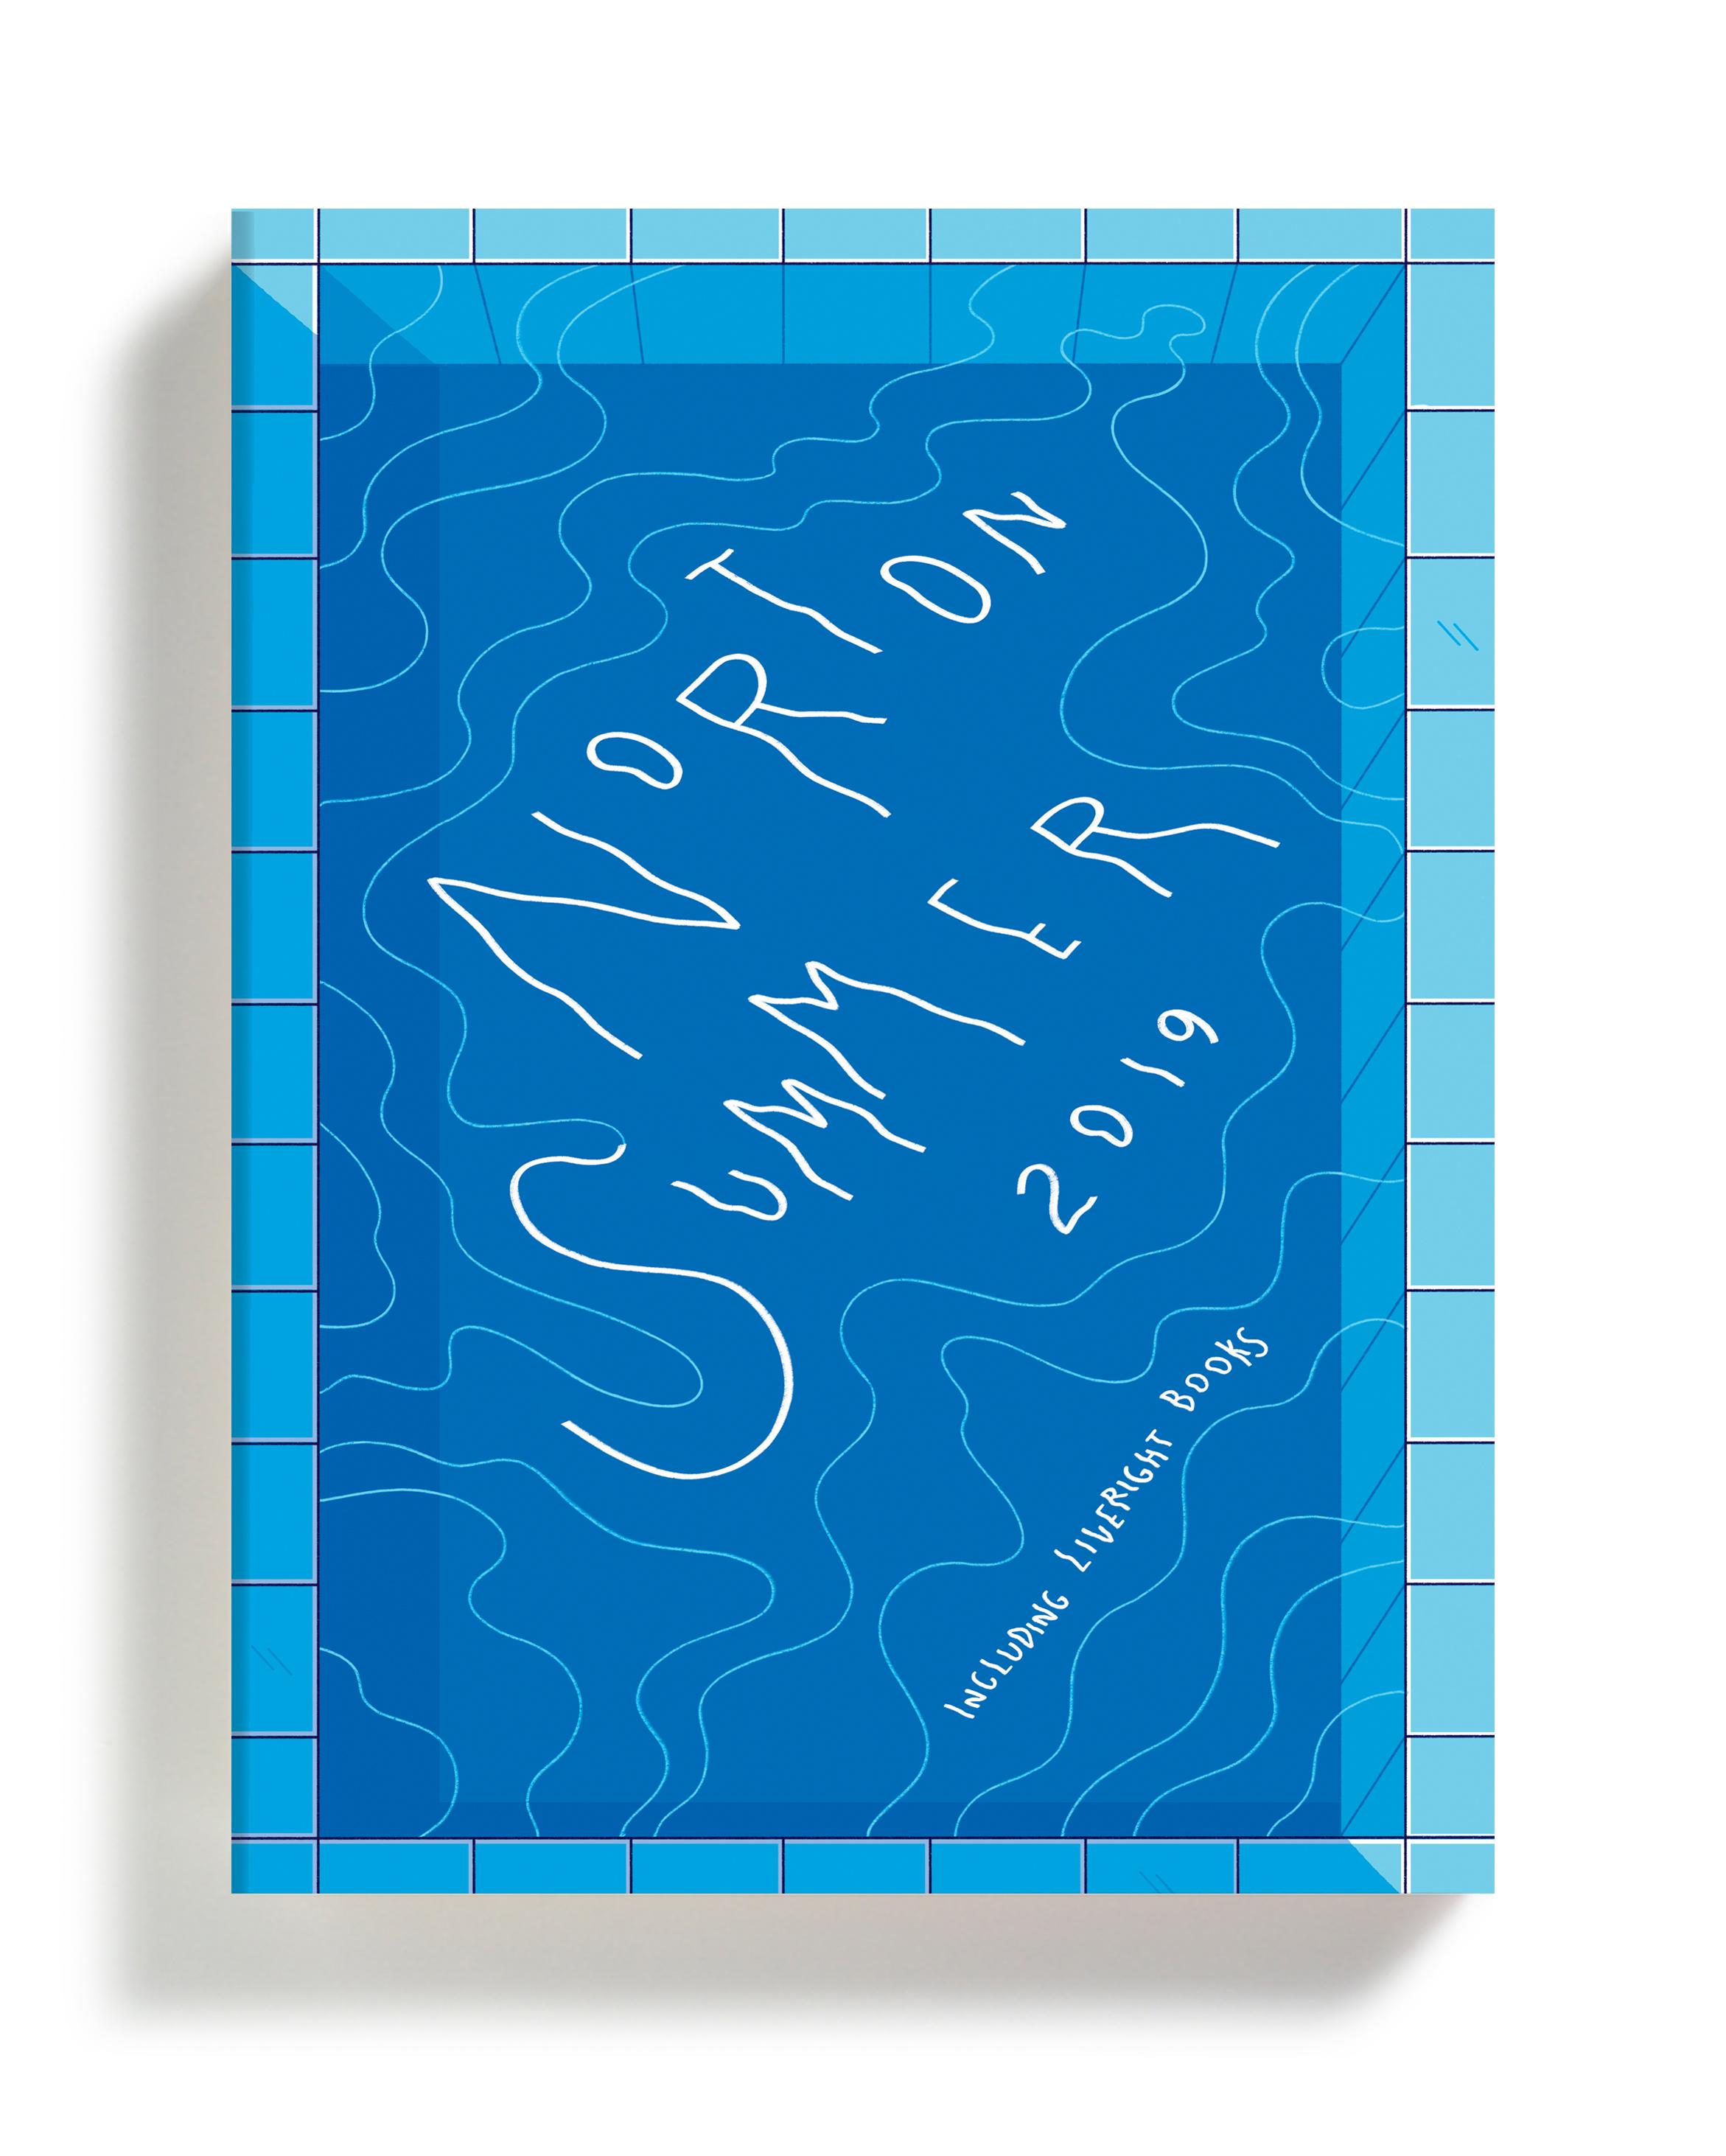 Summer Catalogue_3.jpg